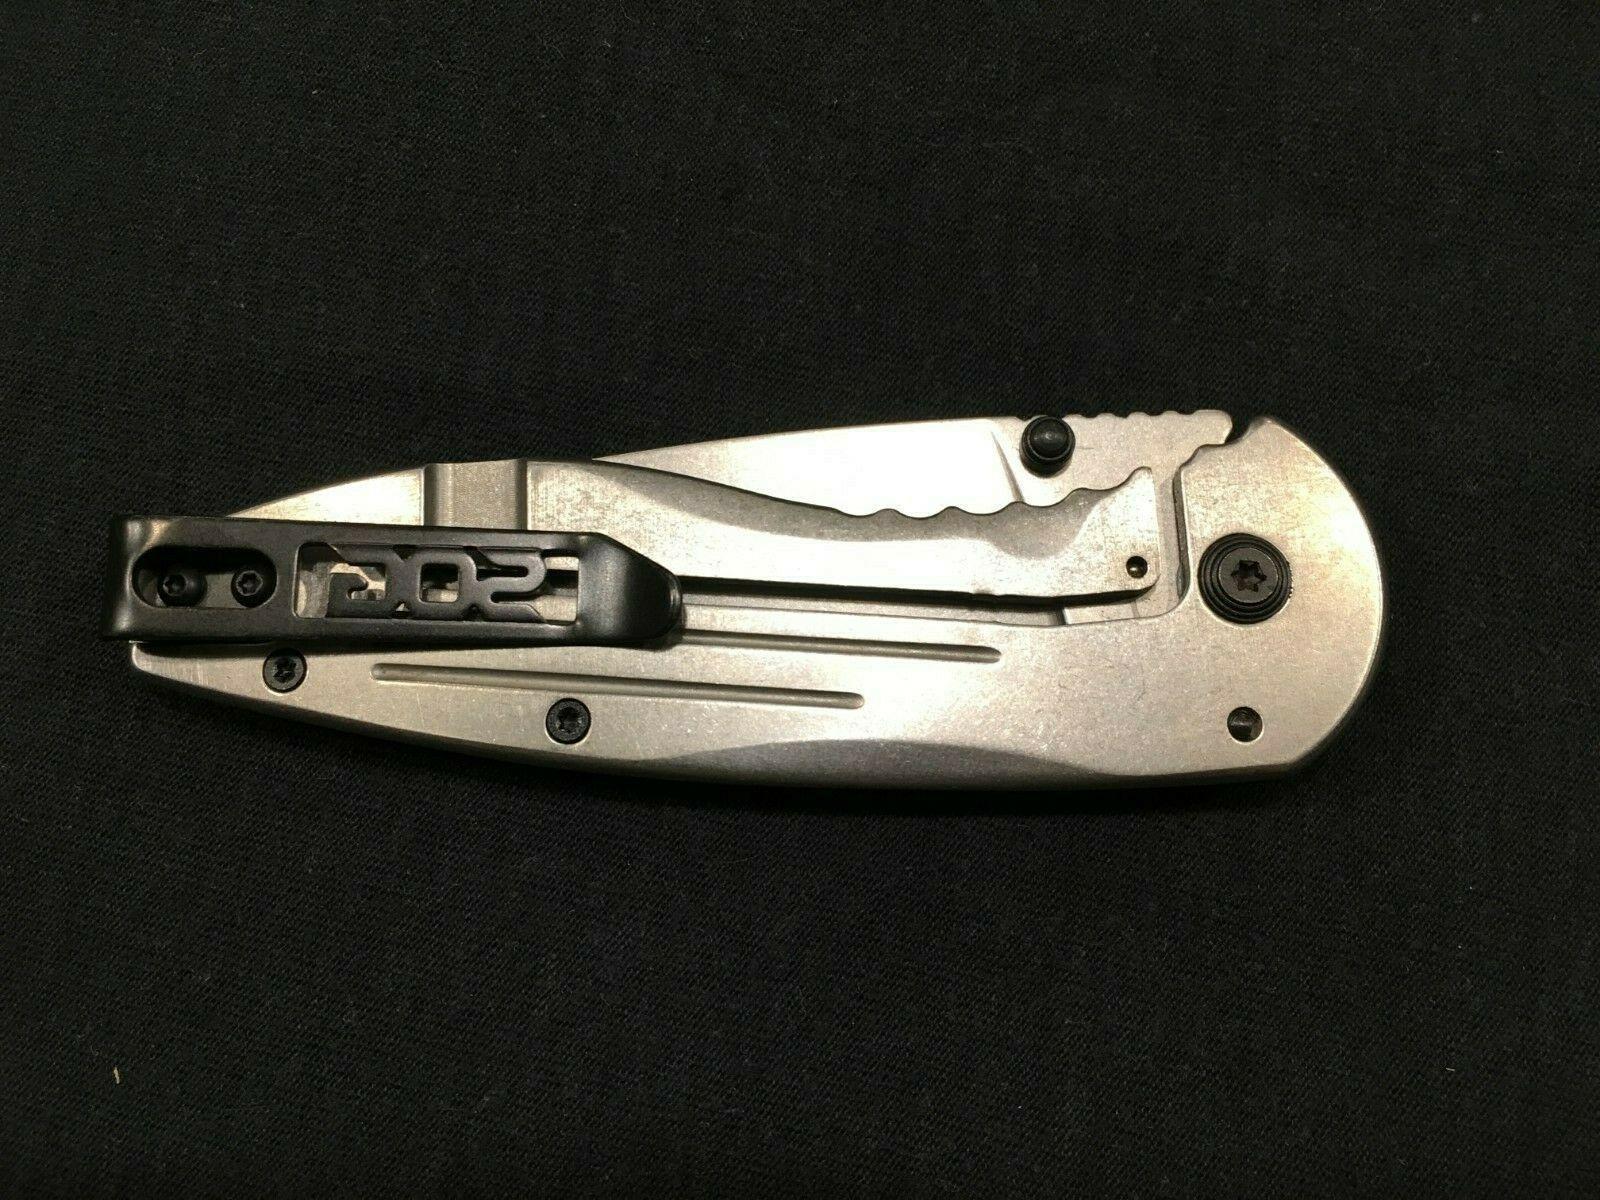 SOG Aegis Knife Stonewashed Point Blade,